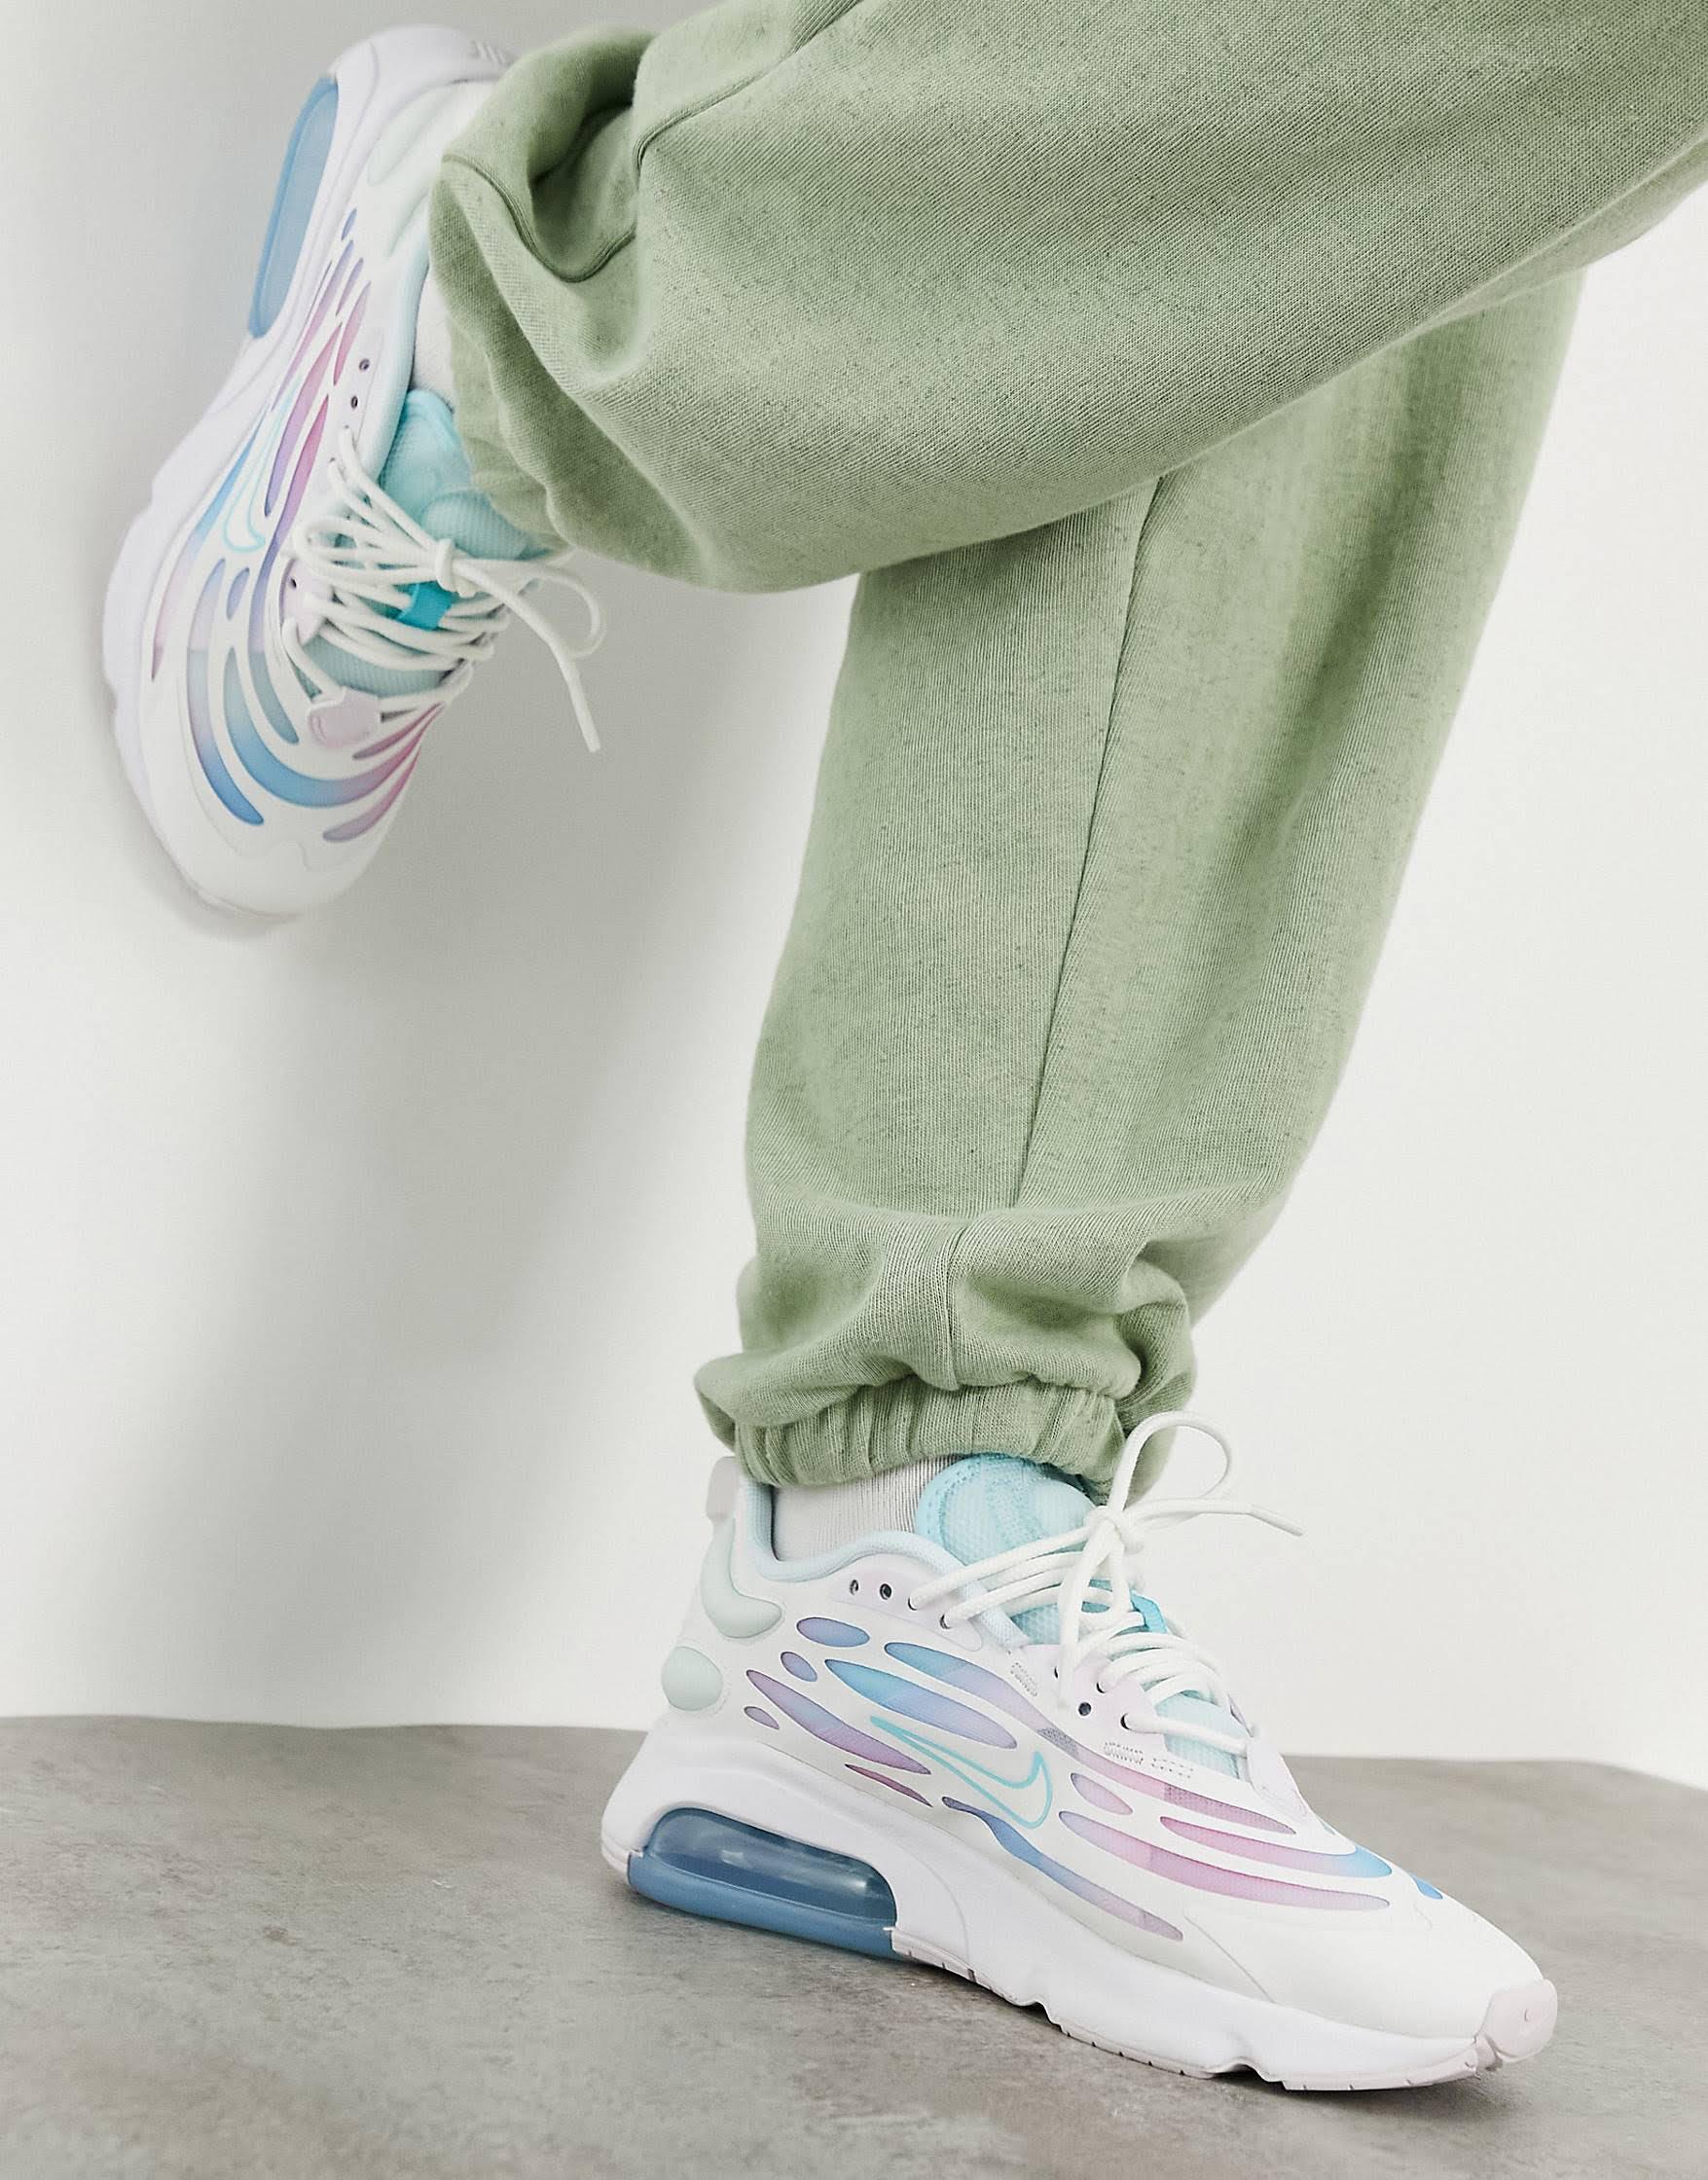 Zapatillas de deporte blancas Air Max Exosense de Nike